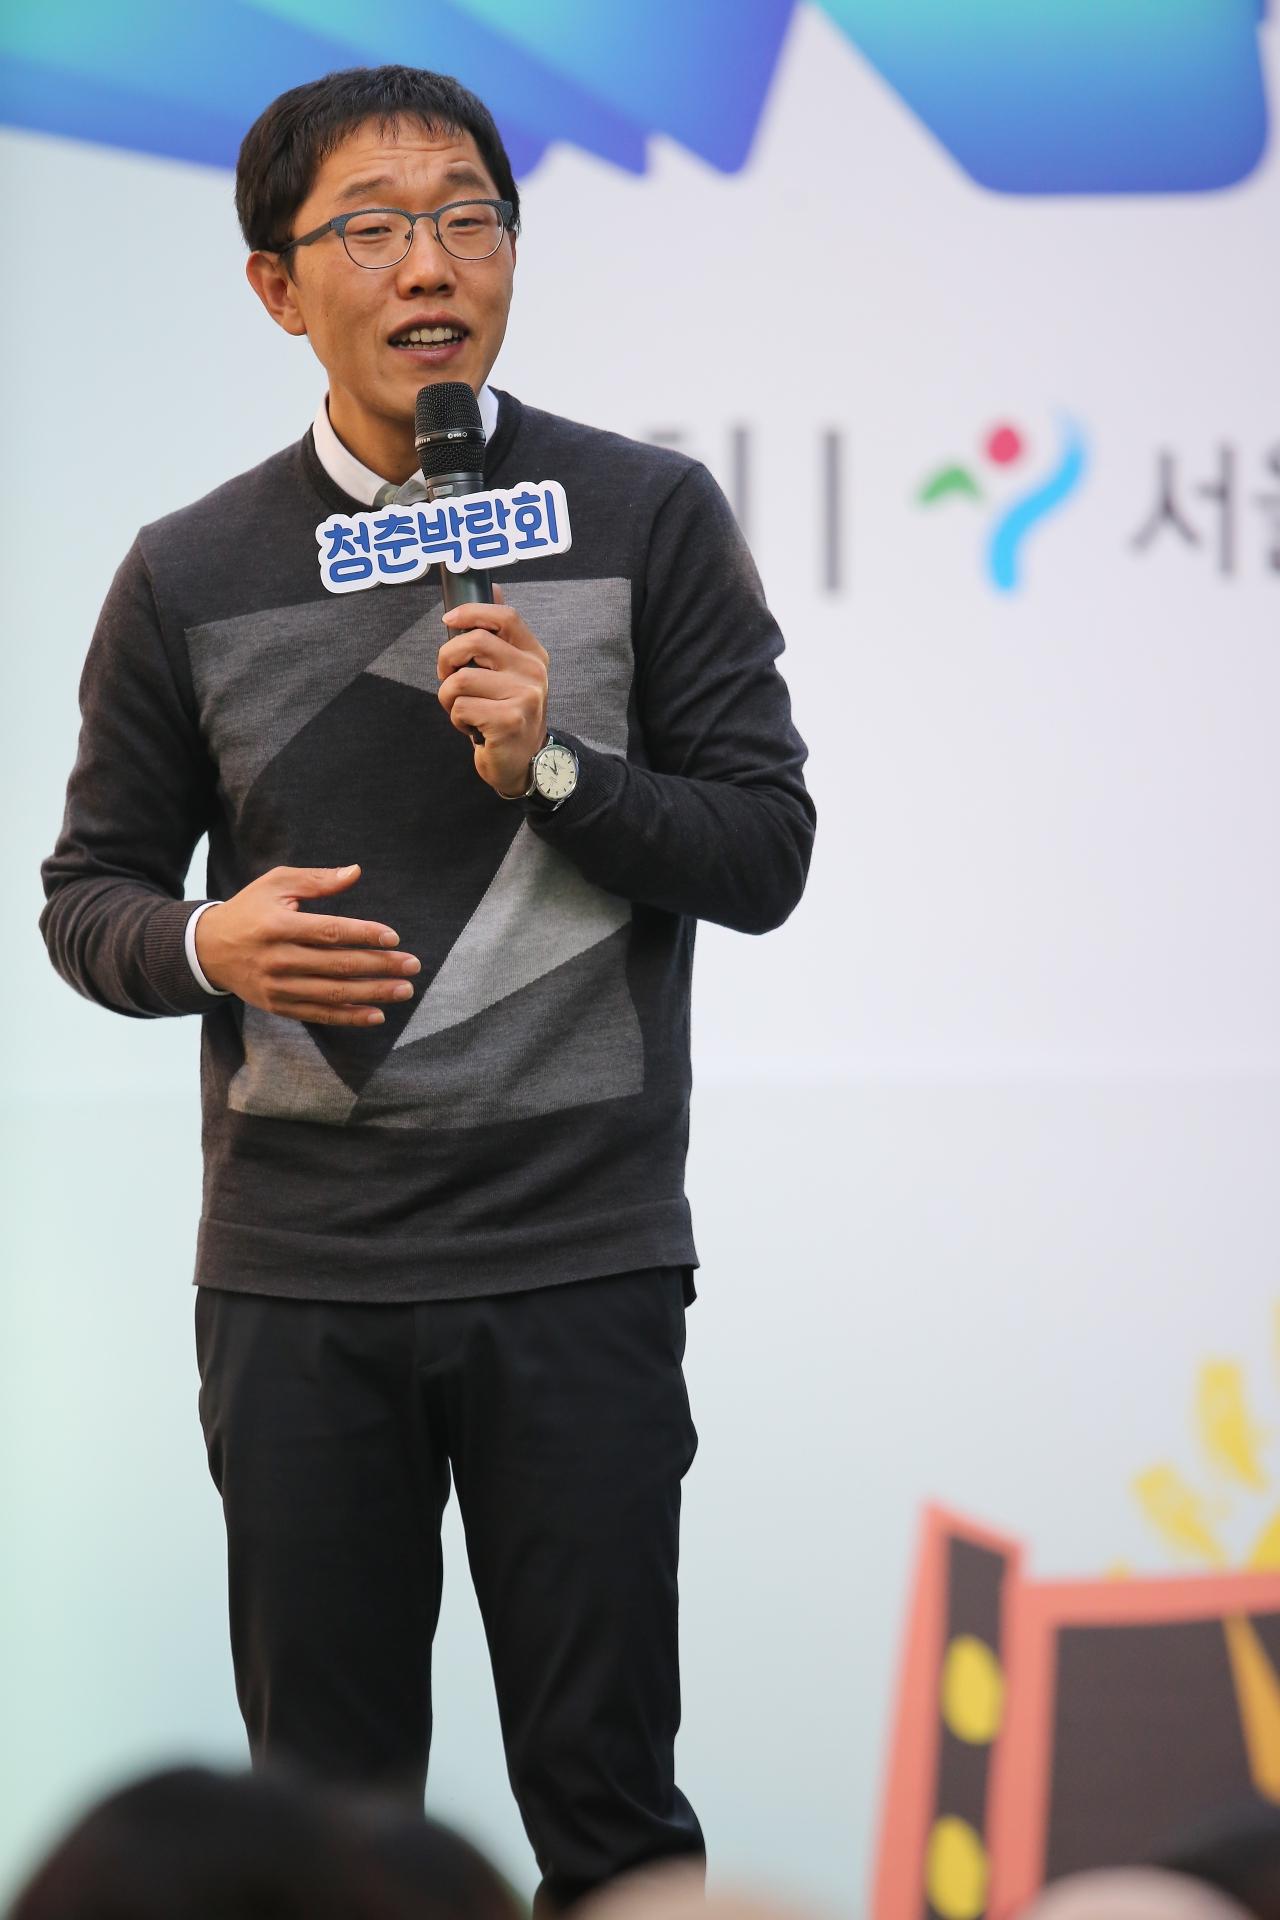 김제동 2017 청춘콘서트 무대 위에 오른 김제동.